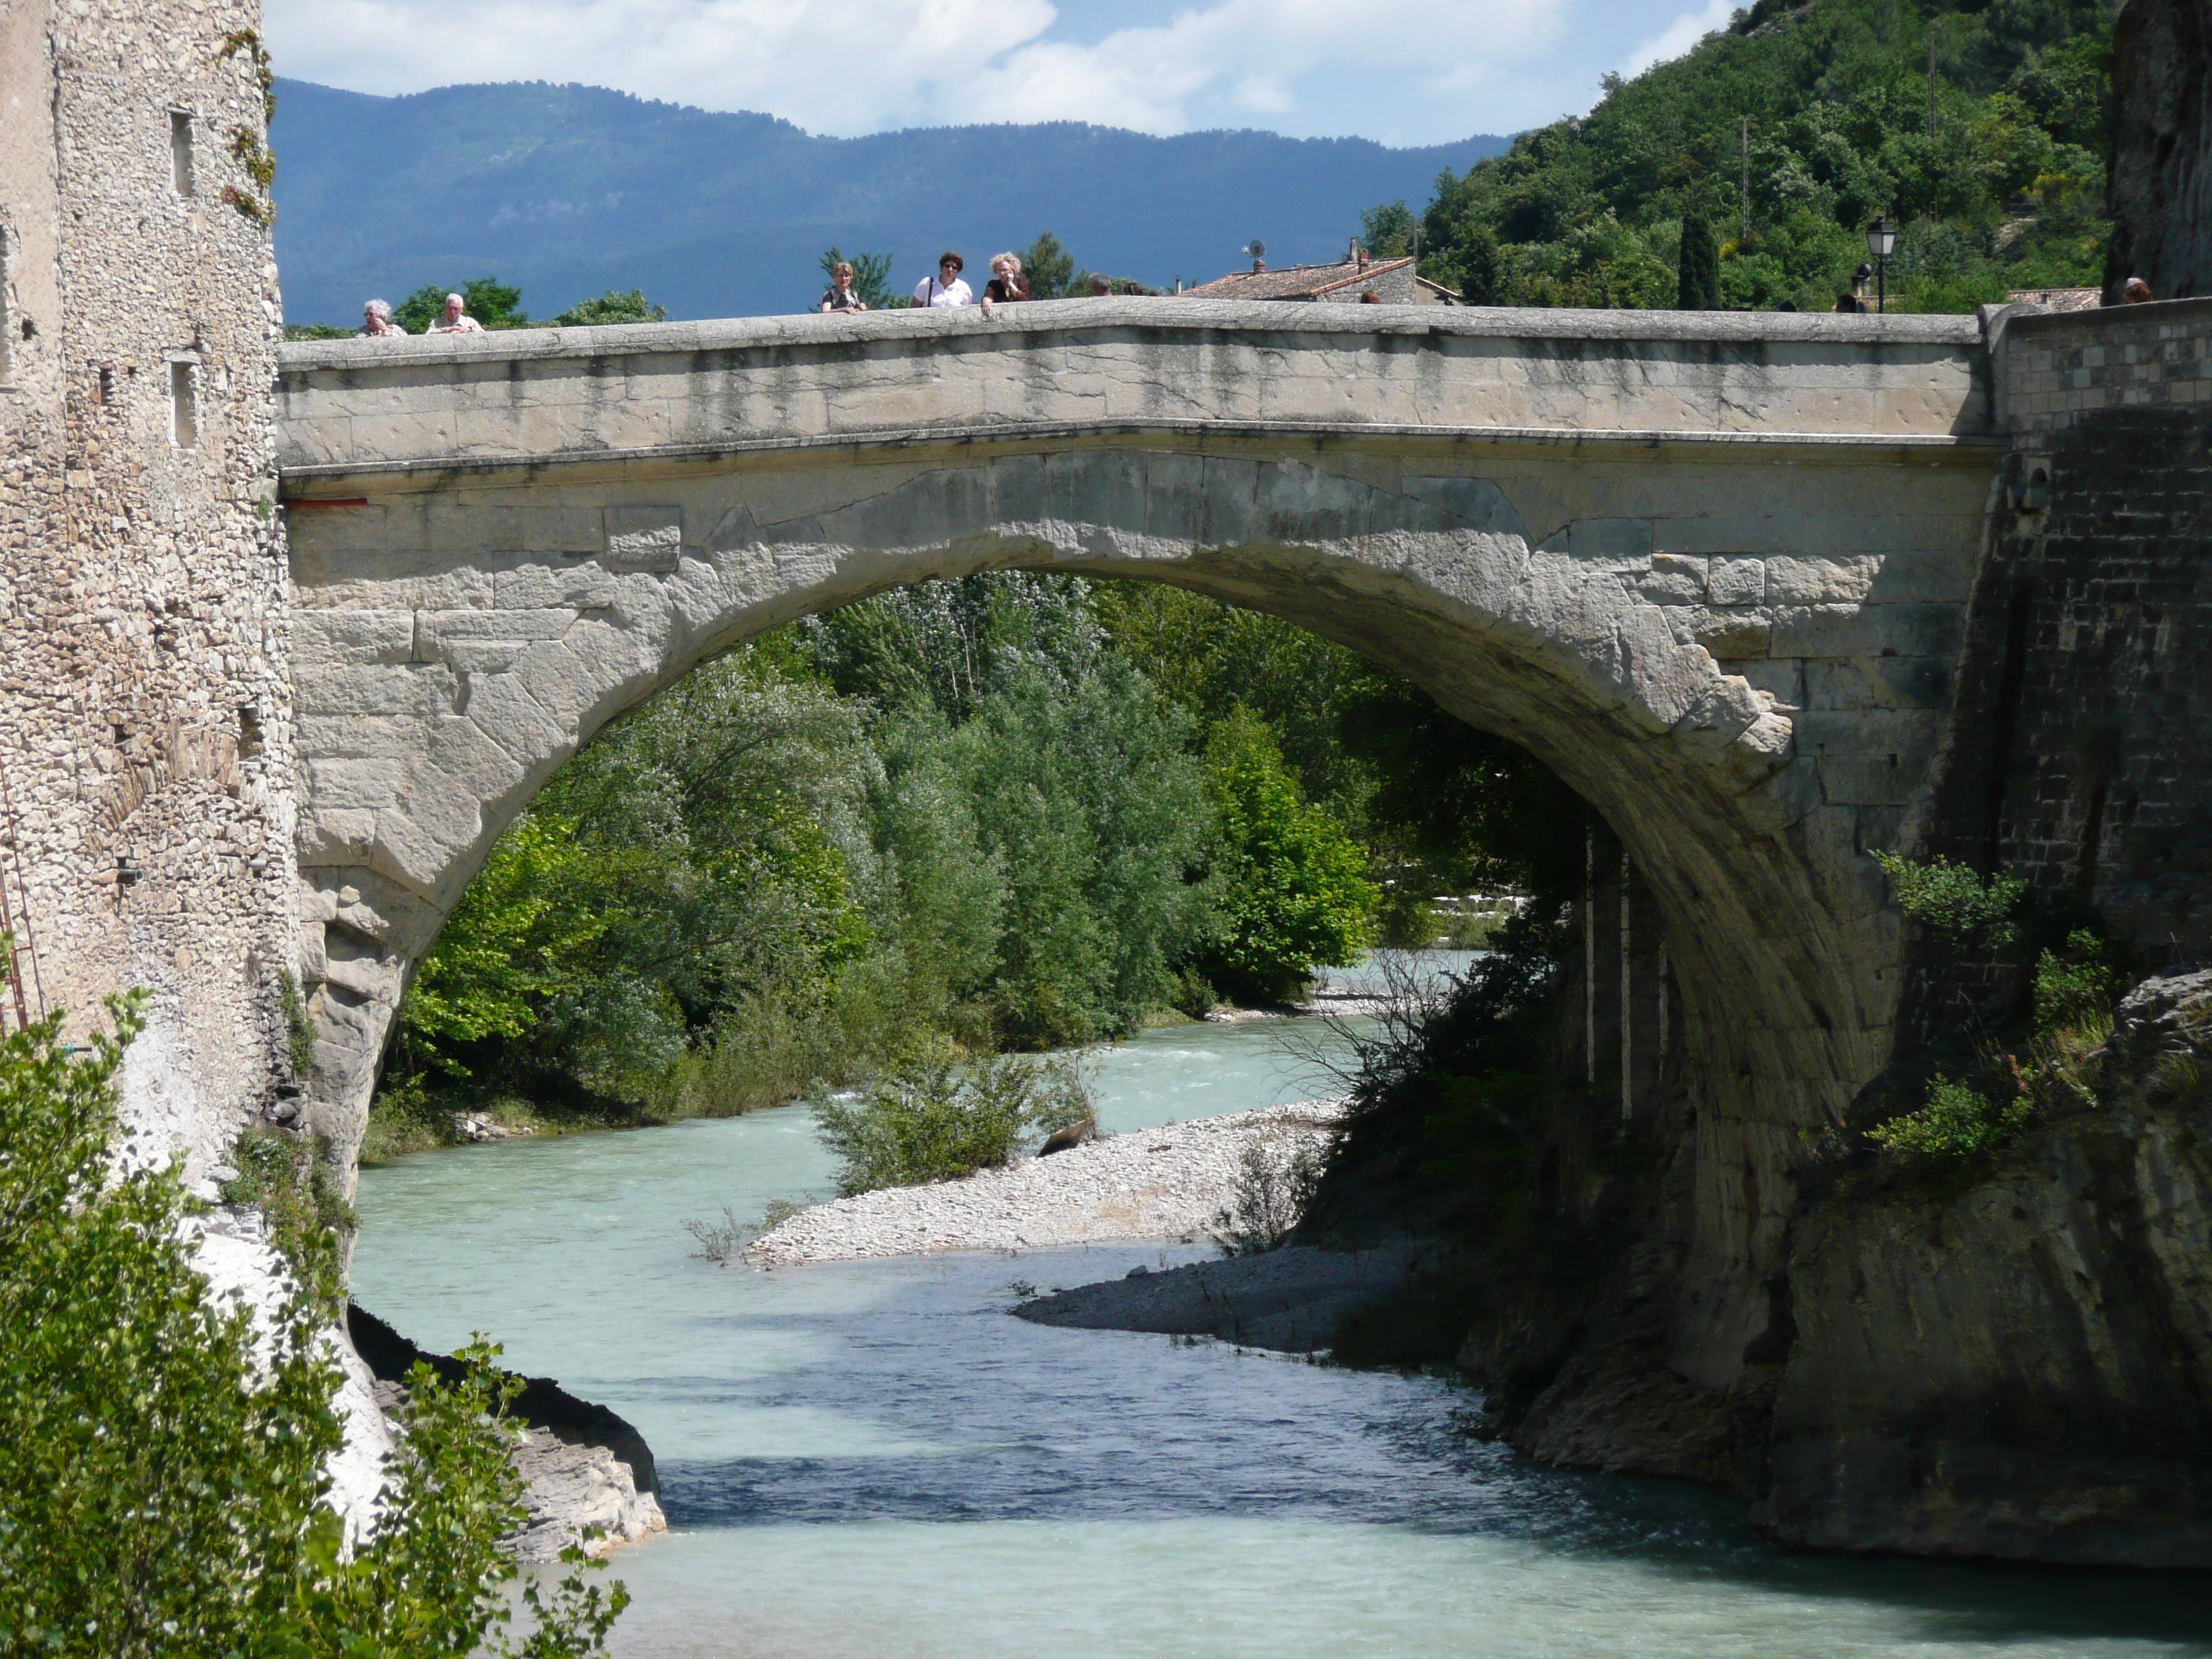 Descripci  243 n Roman Bridge  Vaison-la-Romaine  France  Pic 02 jpgRoman Bridges